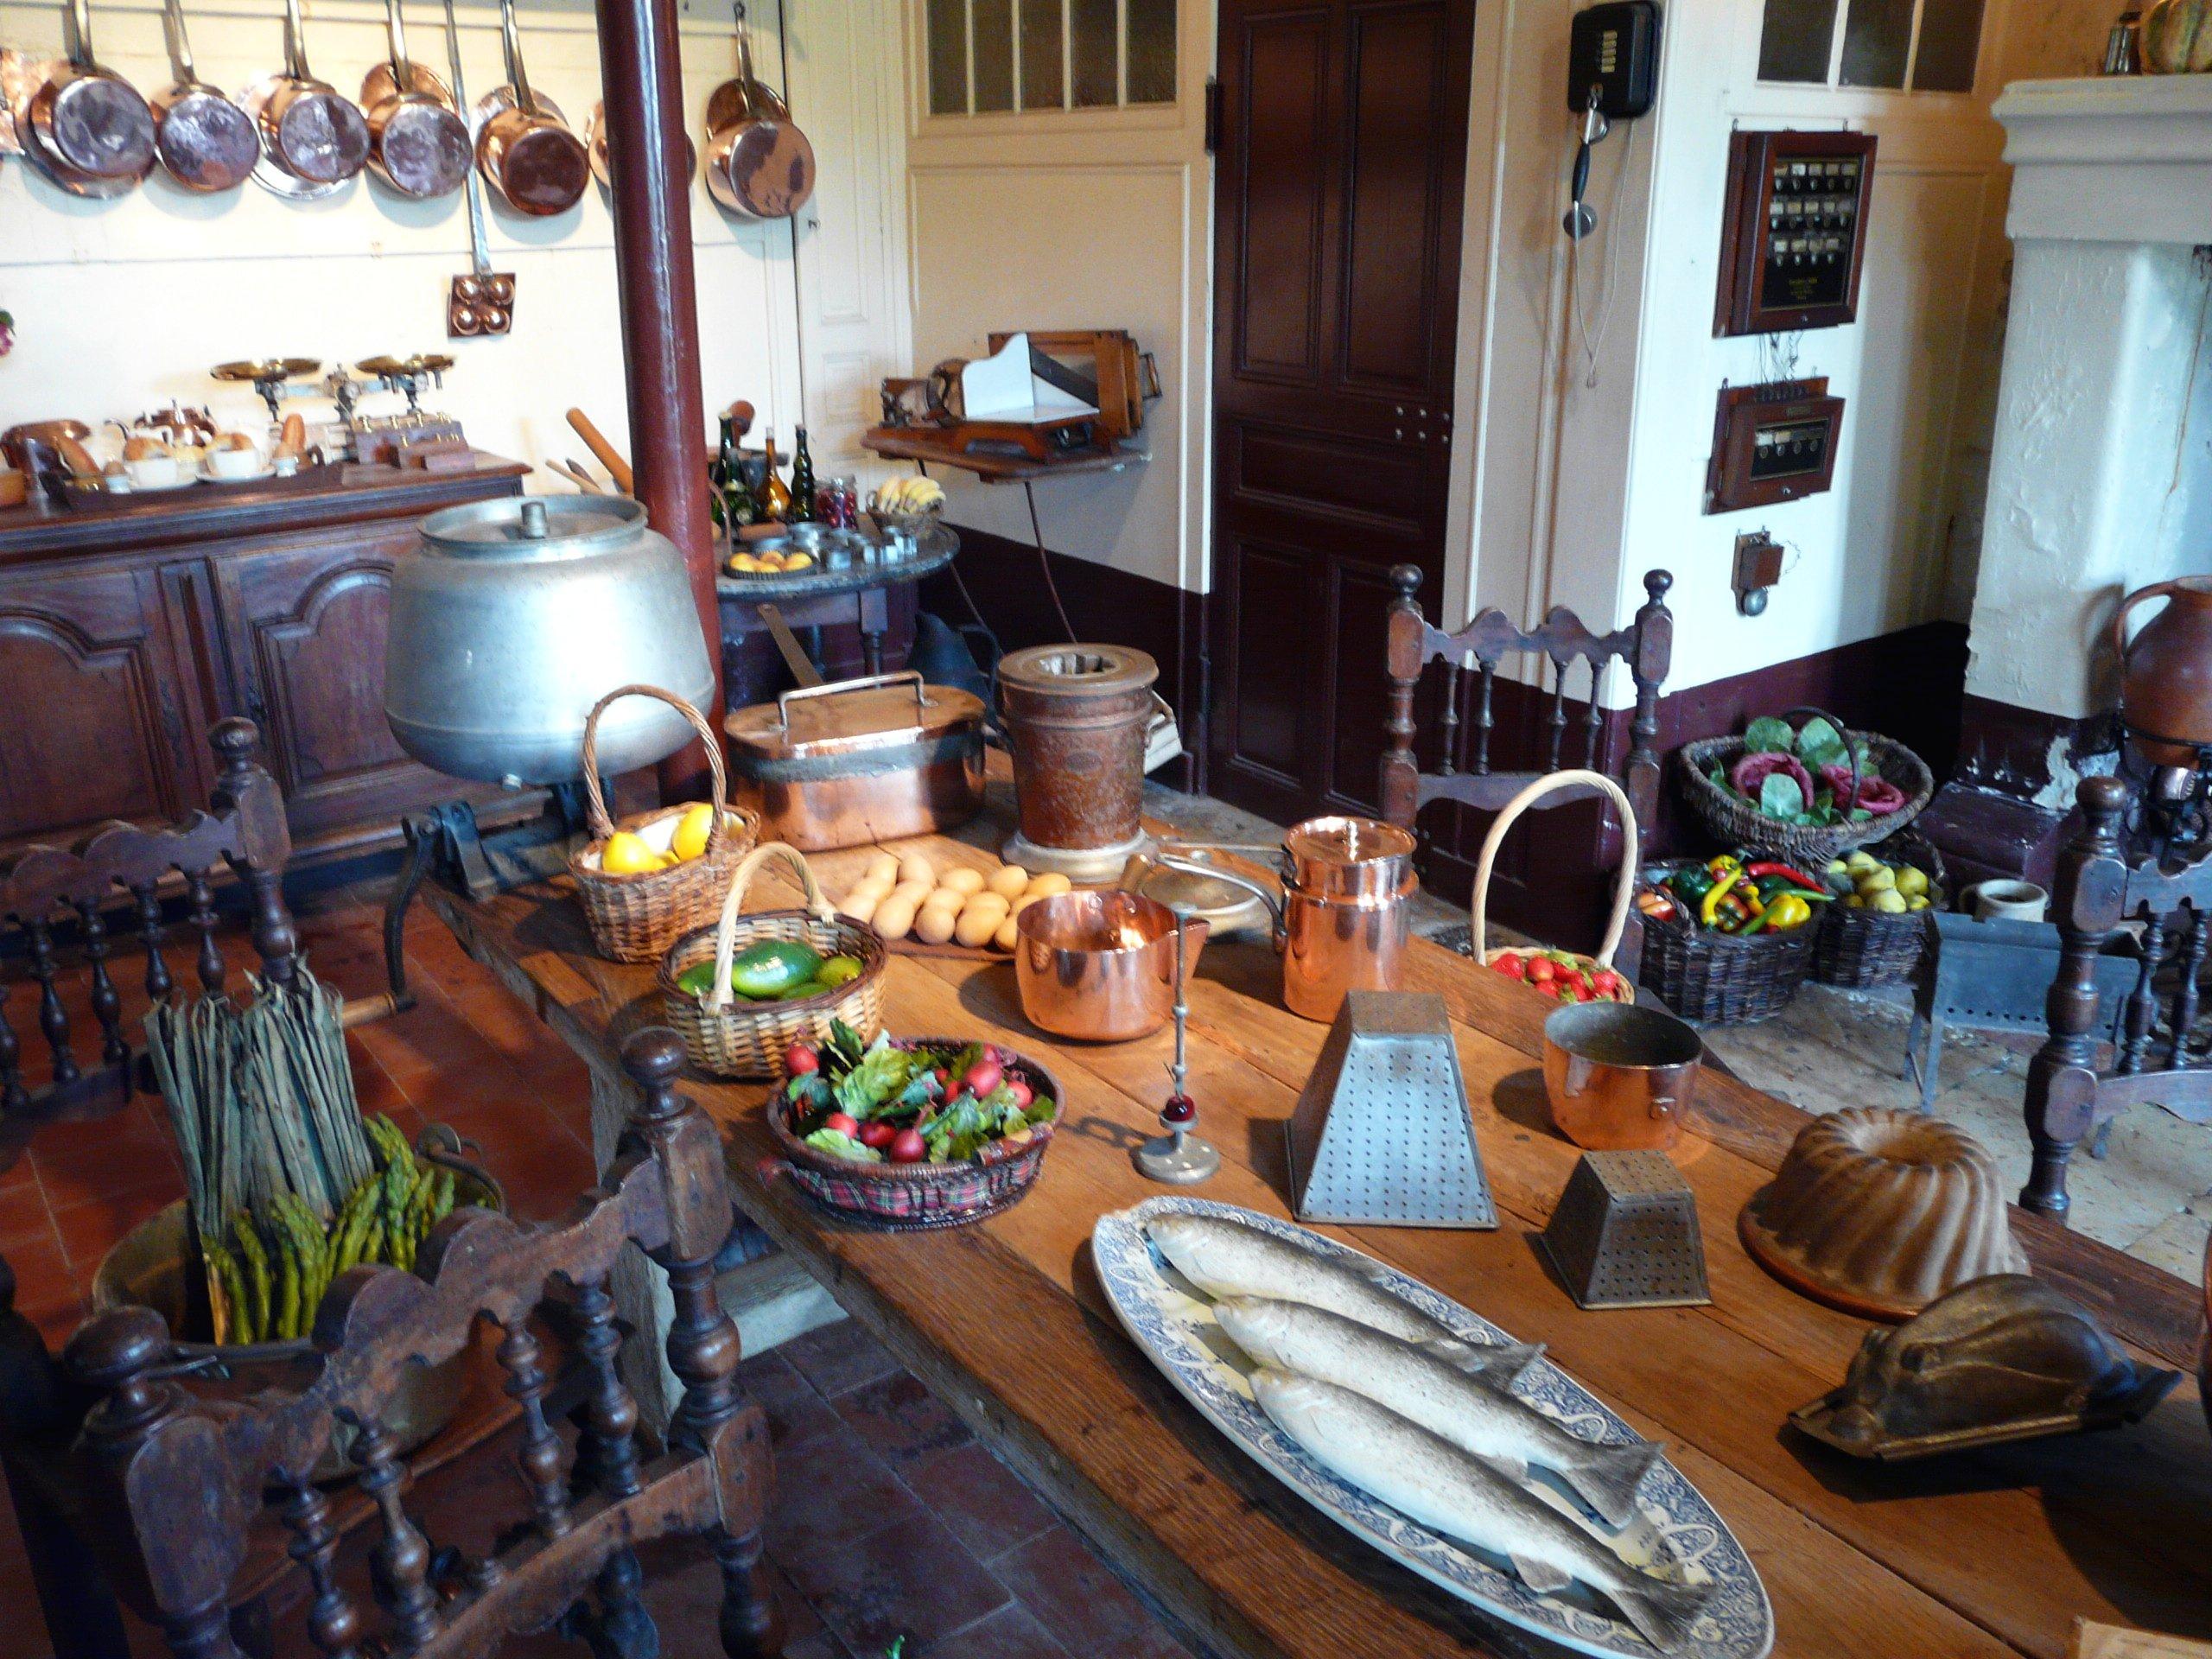 Chateau-de-montpoupon-cuisine.jpg